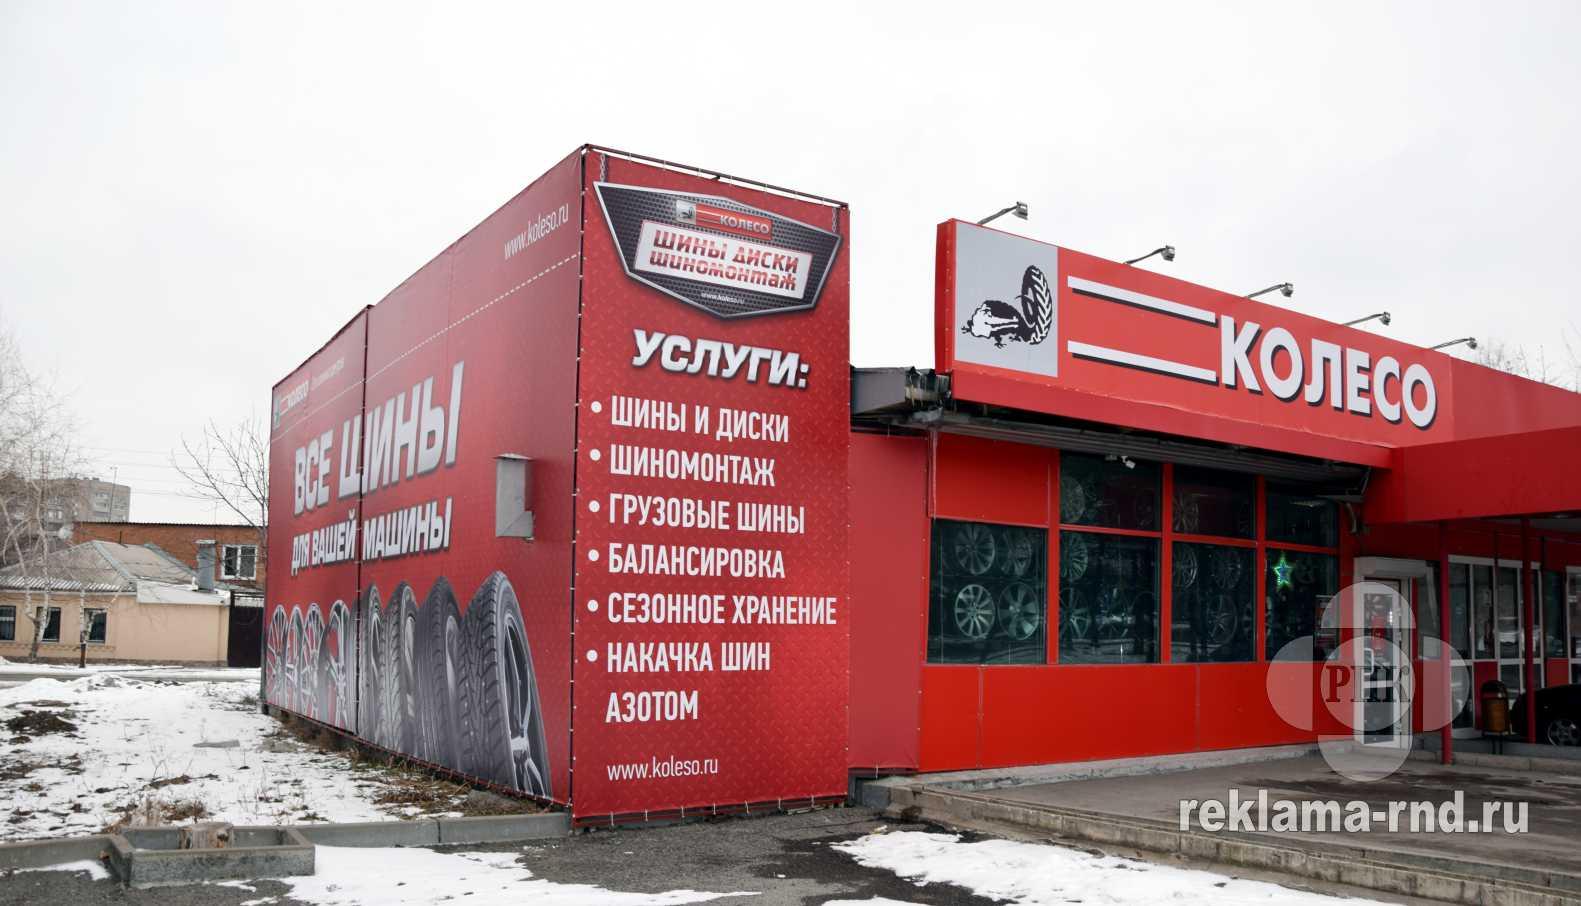 Выполнен заказ на изготовление наружной рекламы из баннерной ткани и оформление фасада магазина в Ростове-на-Дону.